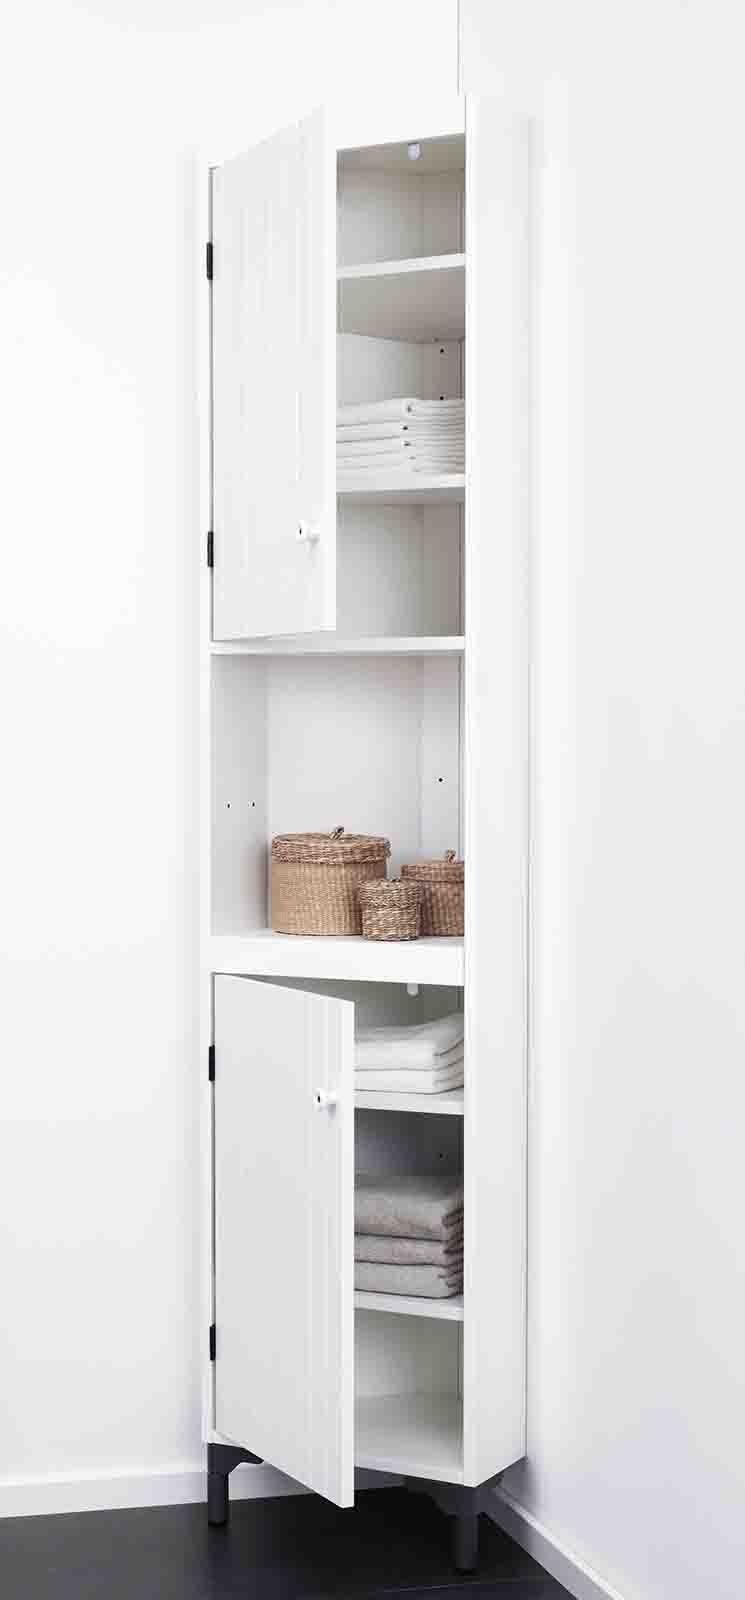 Colonna Dispensa Cucina Ikea mobile ad angolo ikea